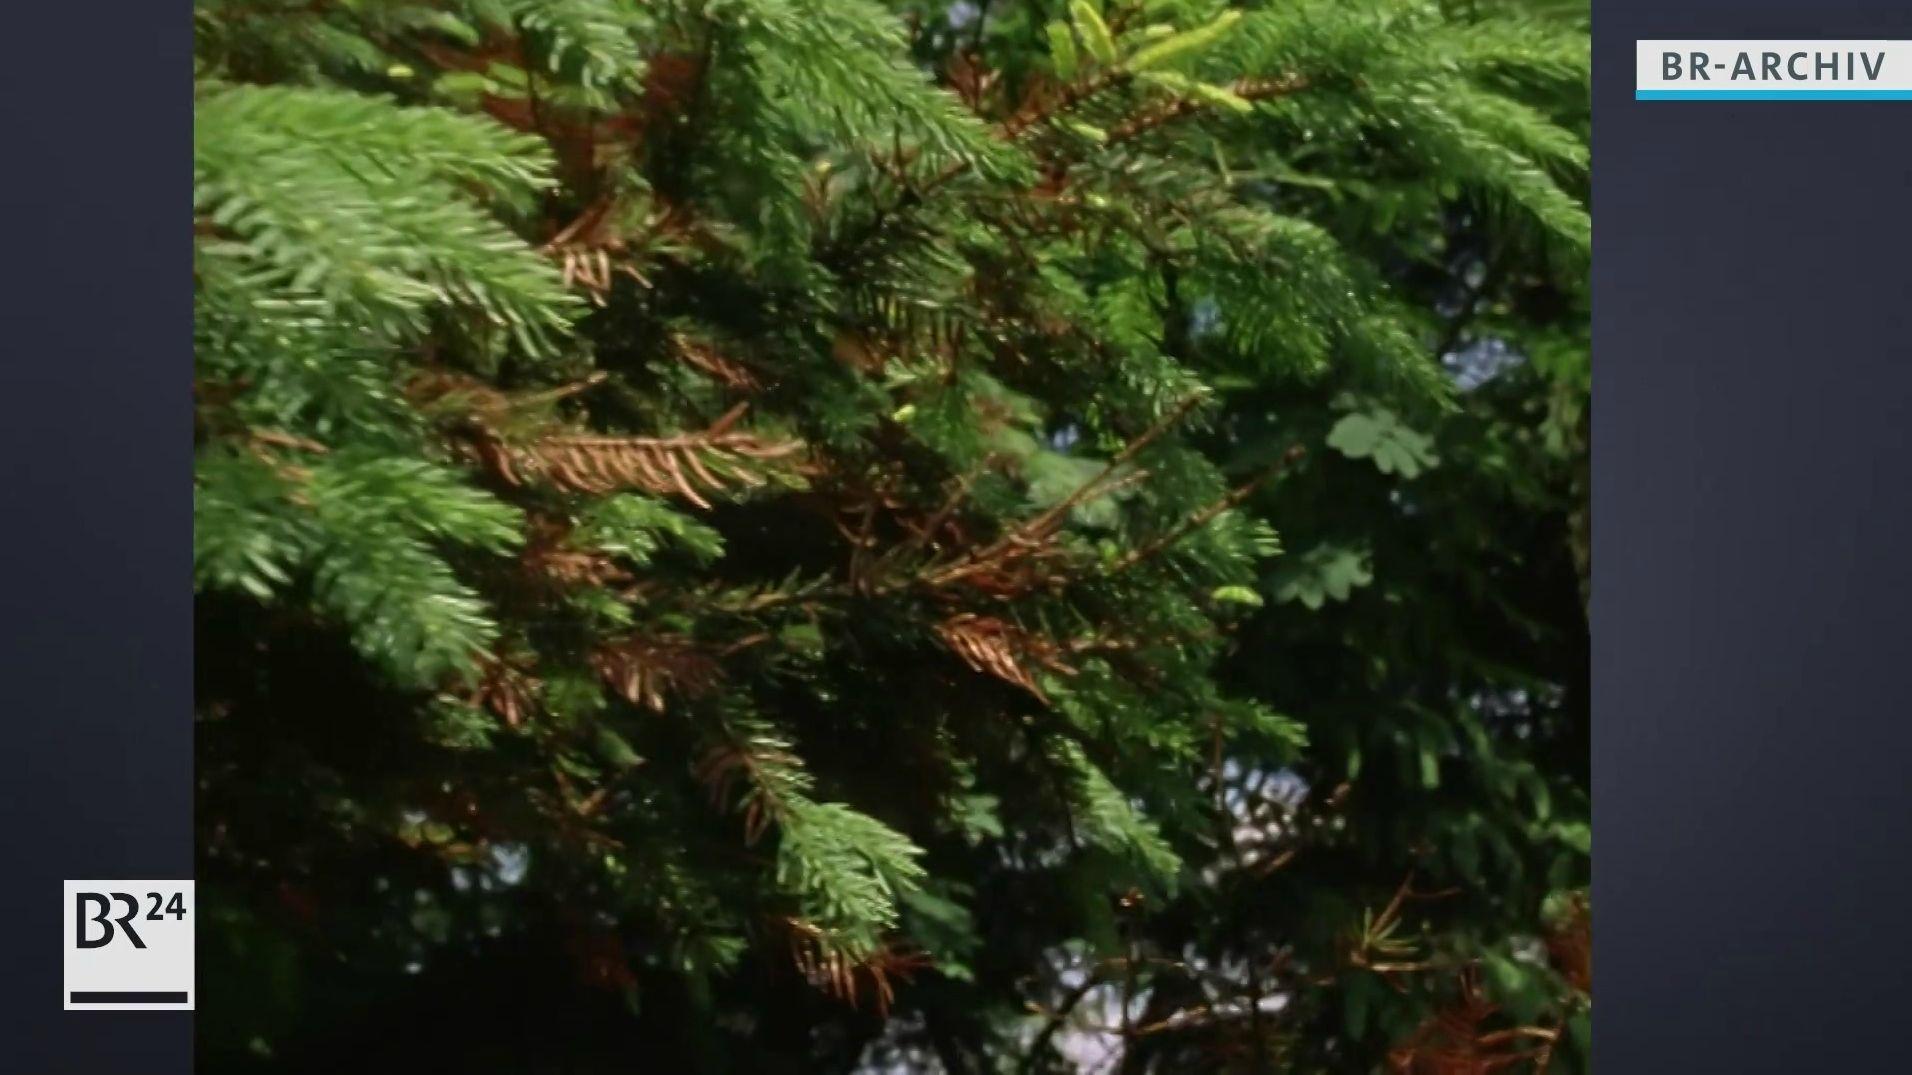 Von Umweltgiften beschädigter Baum